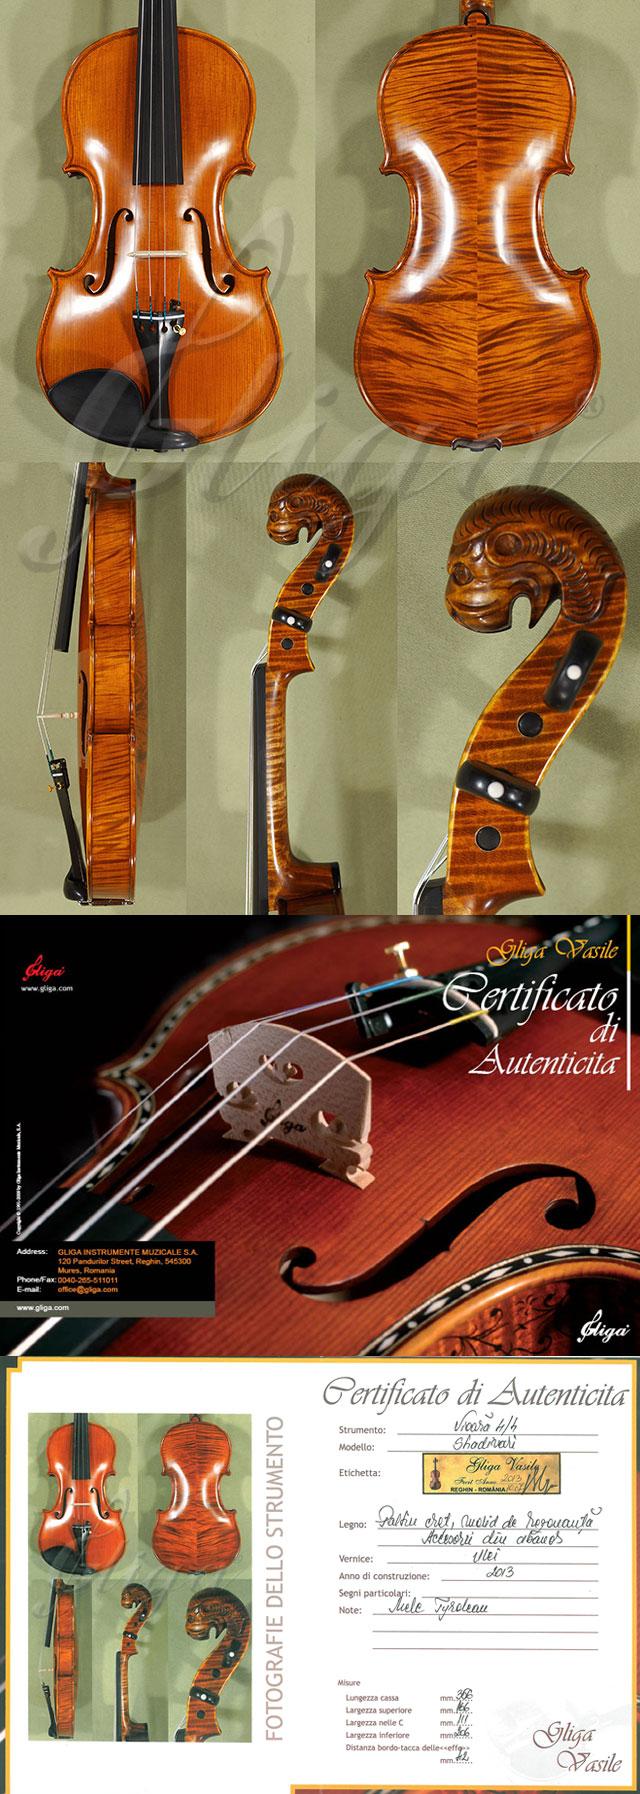 B7210 - 4/4 MAESTRO VASILE GLIGA Tyrolean Lion Scroll 'Tyrolean' Scroll Violin